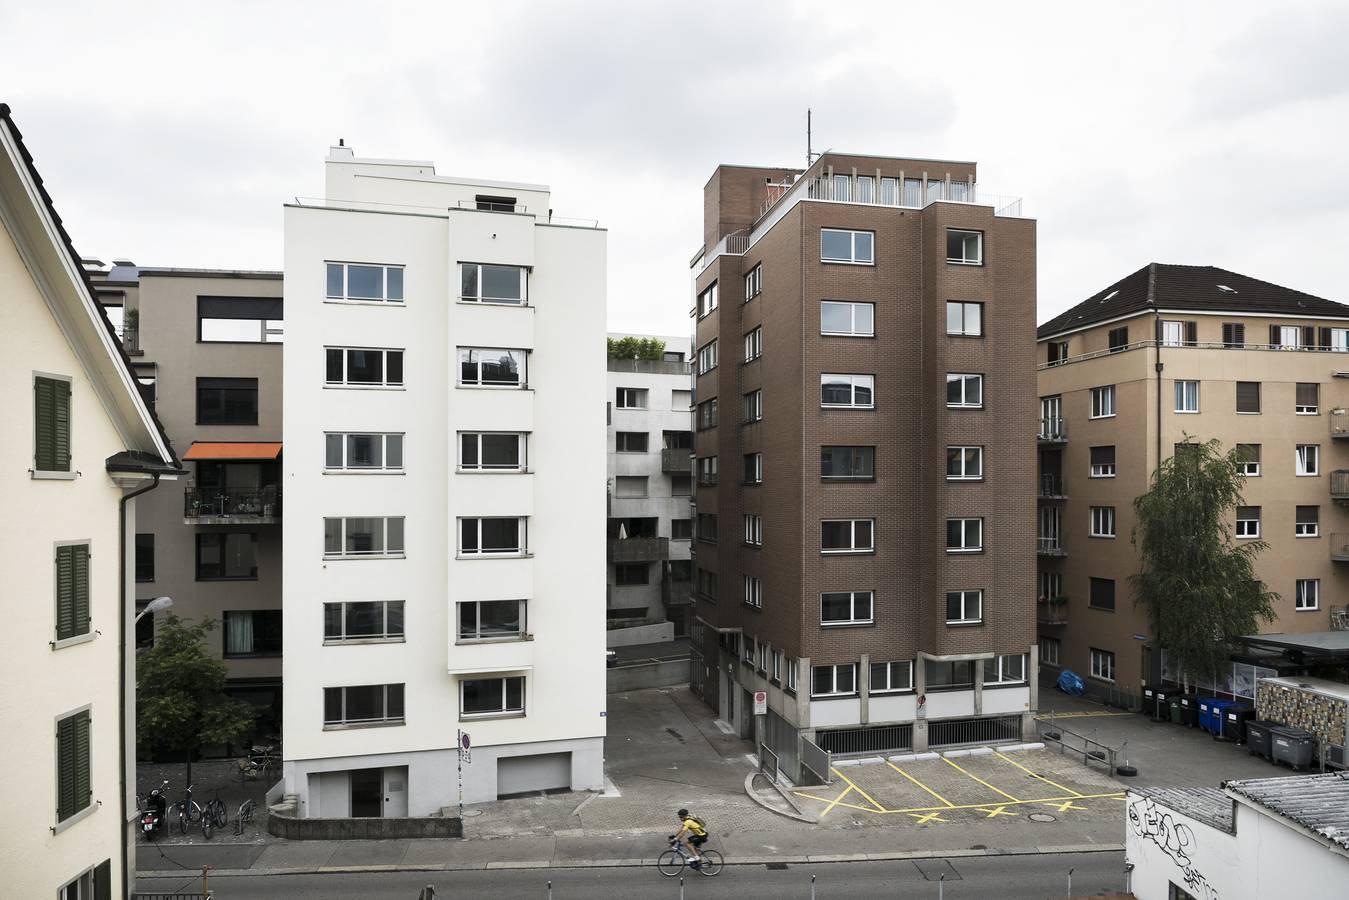 Gammelhäuser_vonAussen_2019